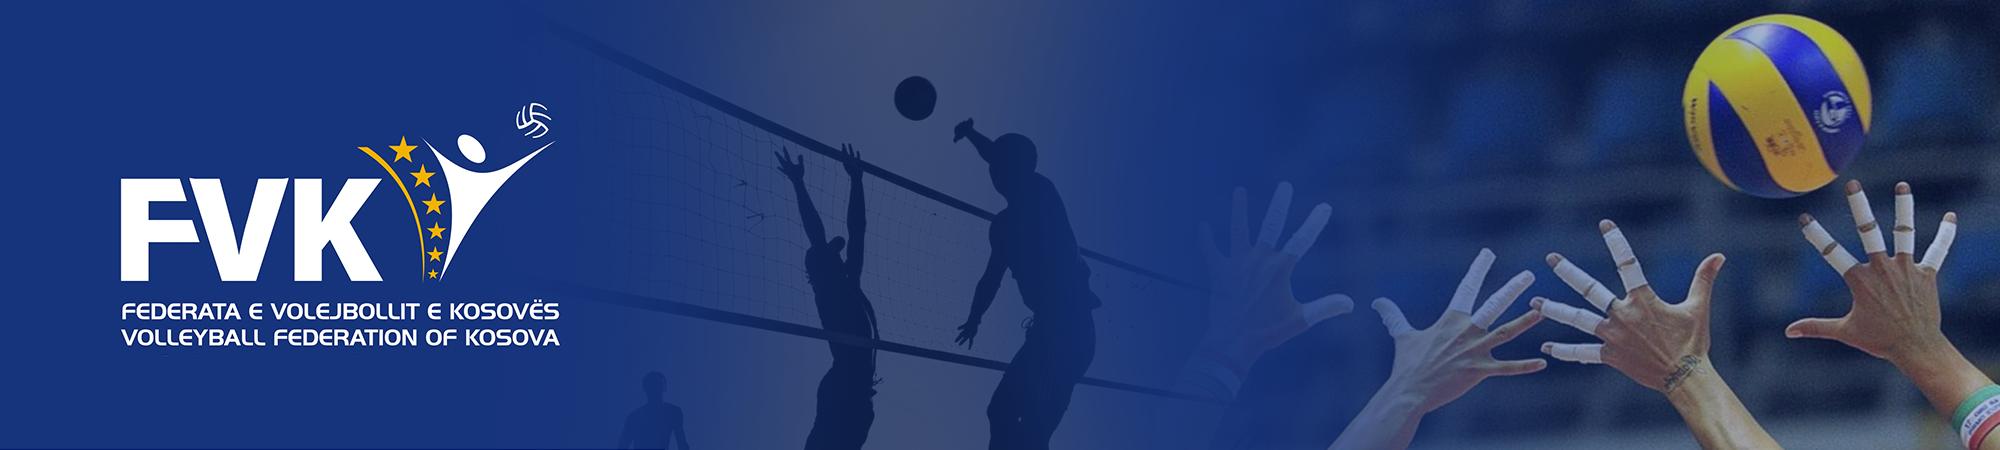 Federata e Volejbollit e Kosovës